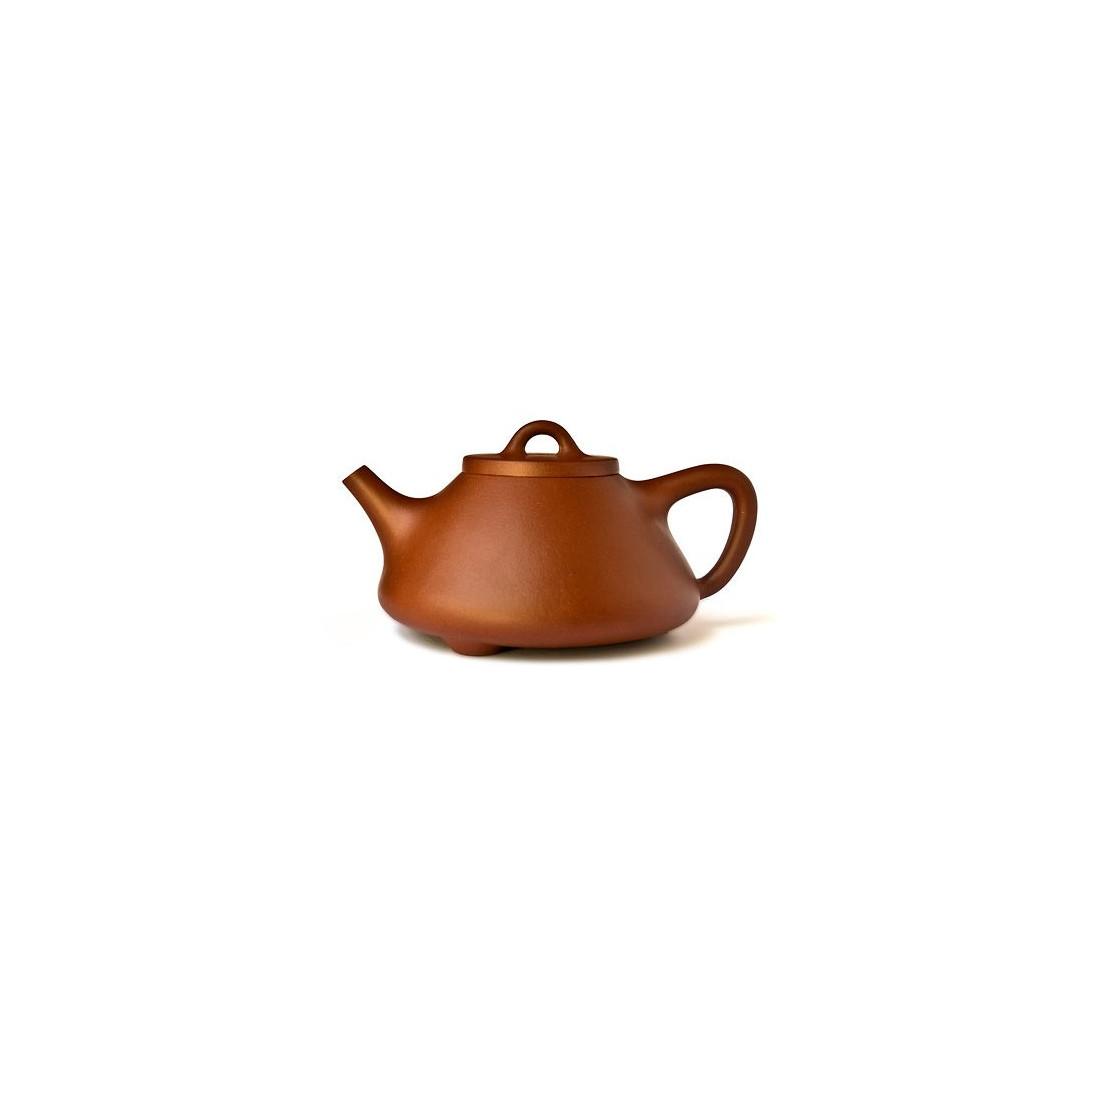 Чайник из исинской глины «Каменный черпак», 405 мл